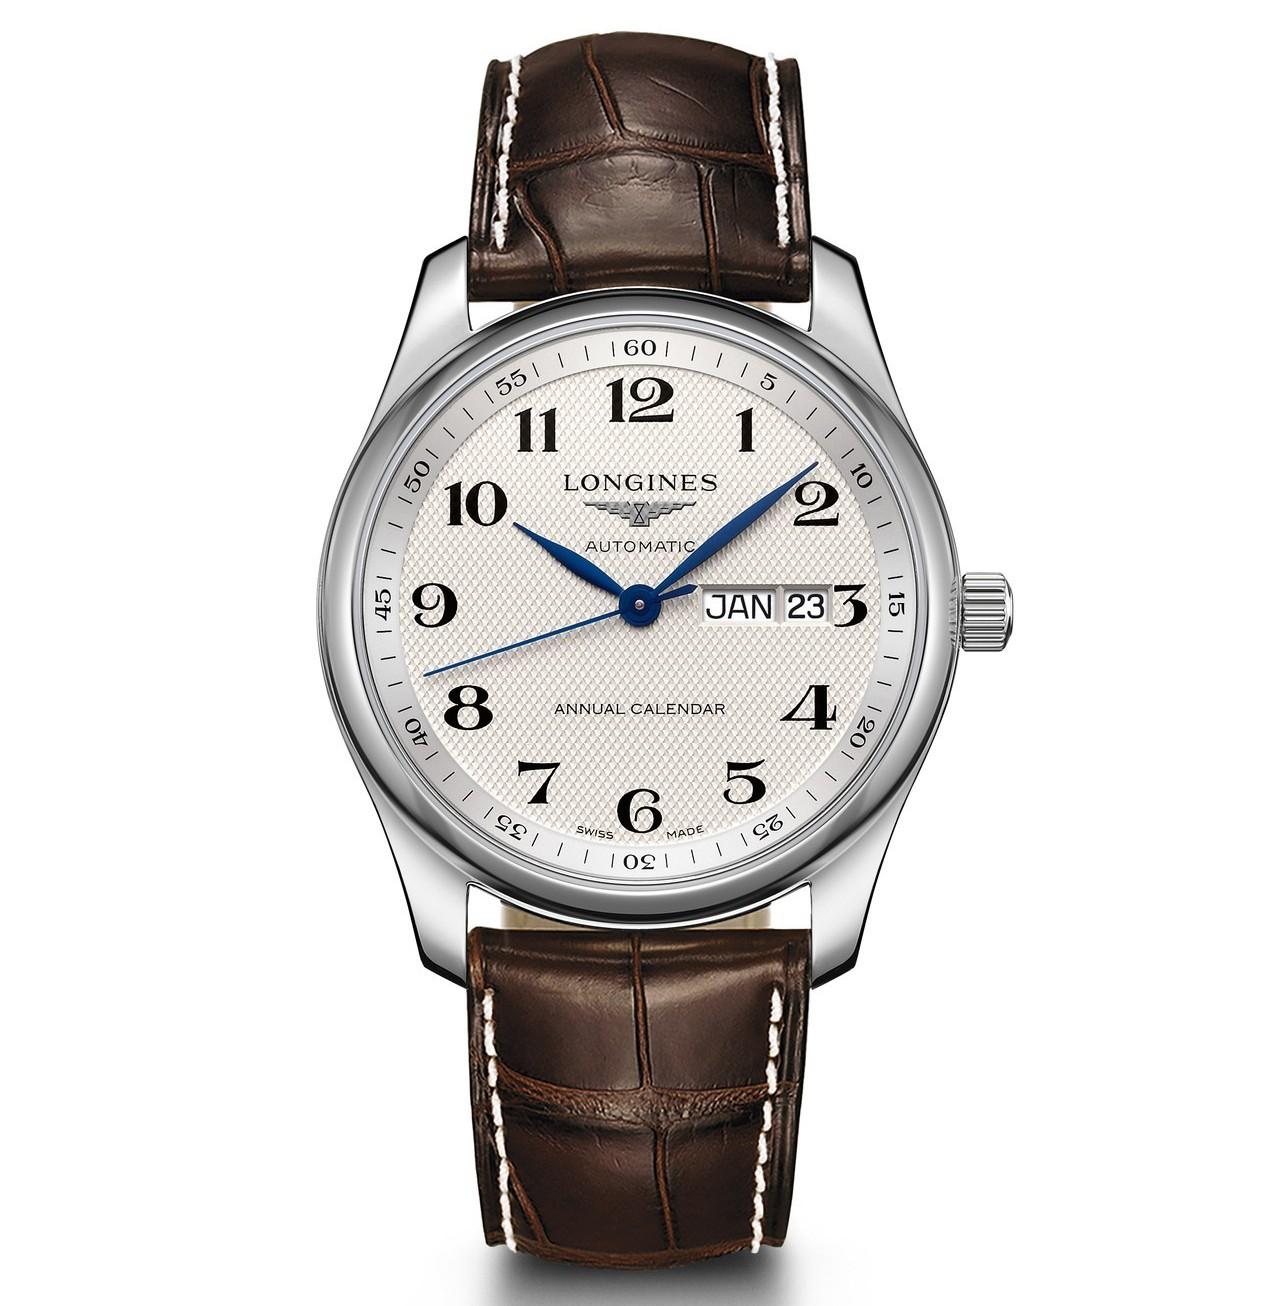 浪琴巨擘系列40毫米不鏽鋼自動上鍊年曆腕表,72,900元。圖/浪琴表提供